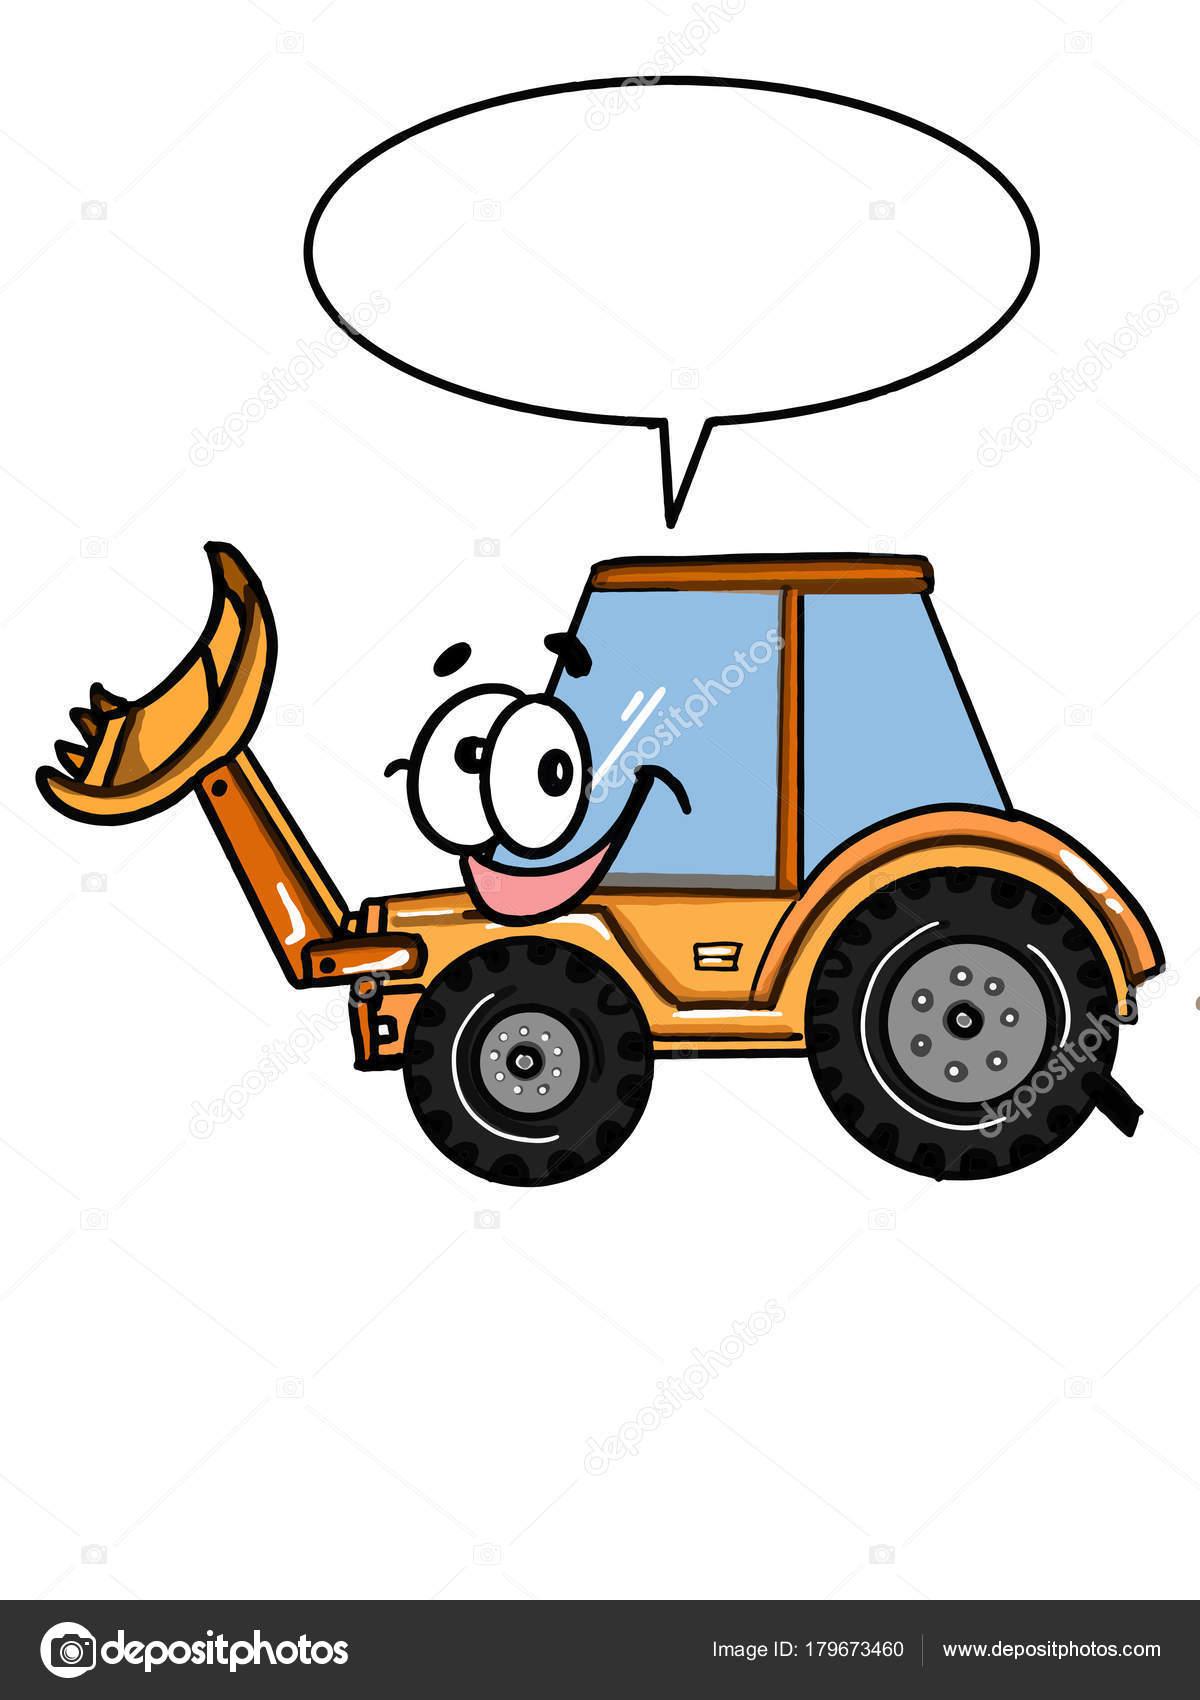 caminhão bonito veículo trator para colorir desenho ilustração dos